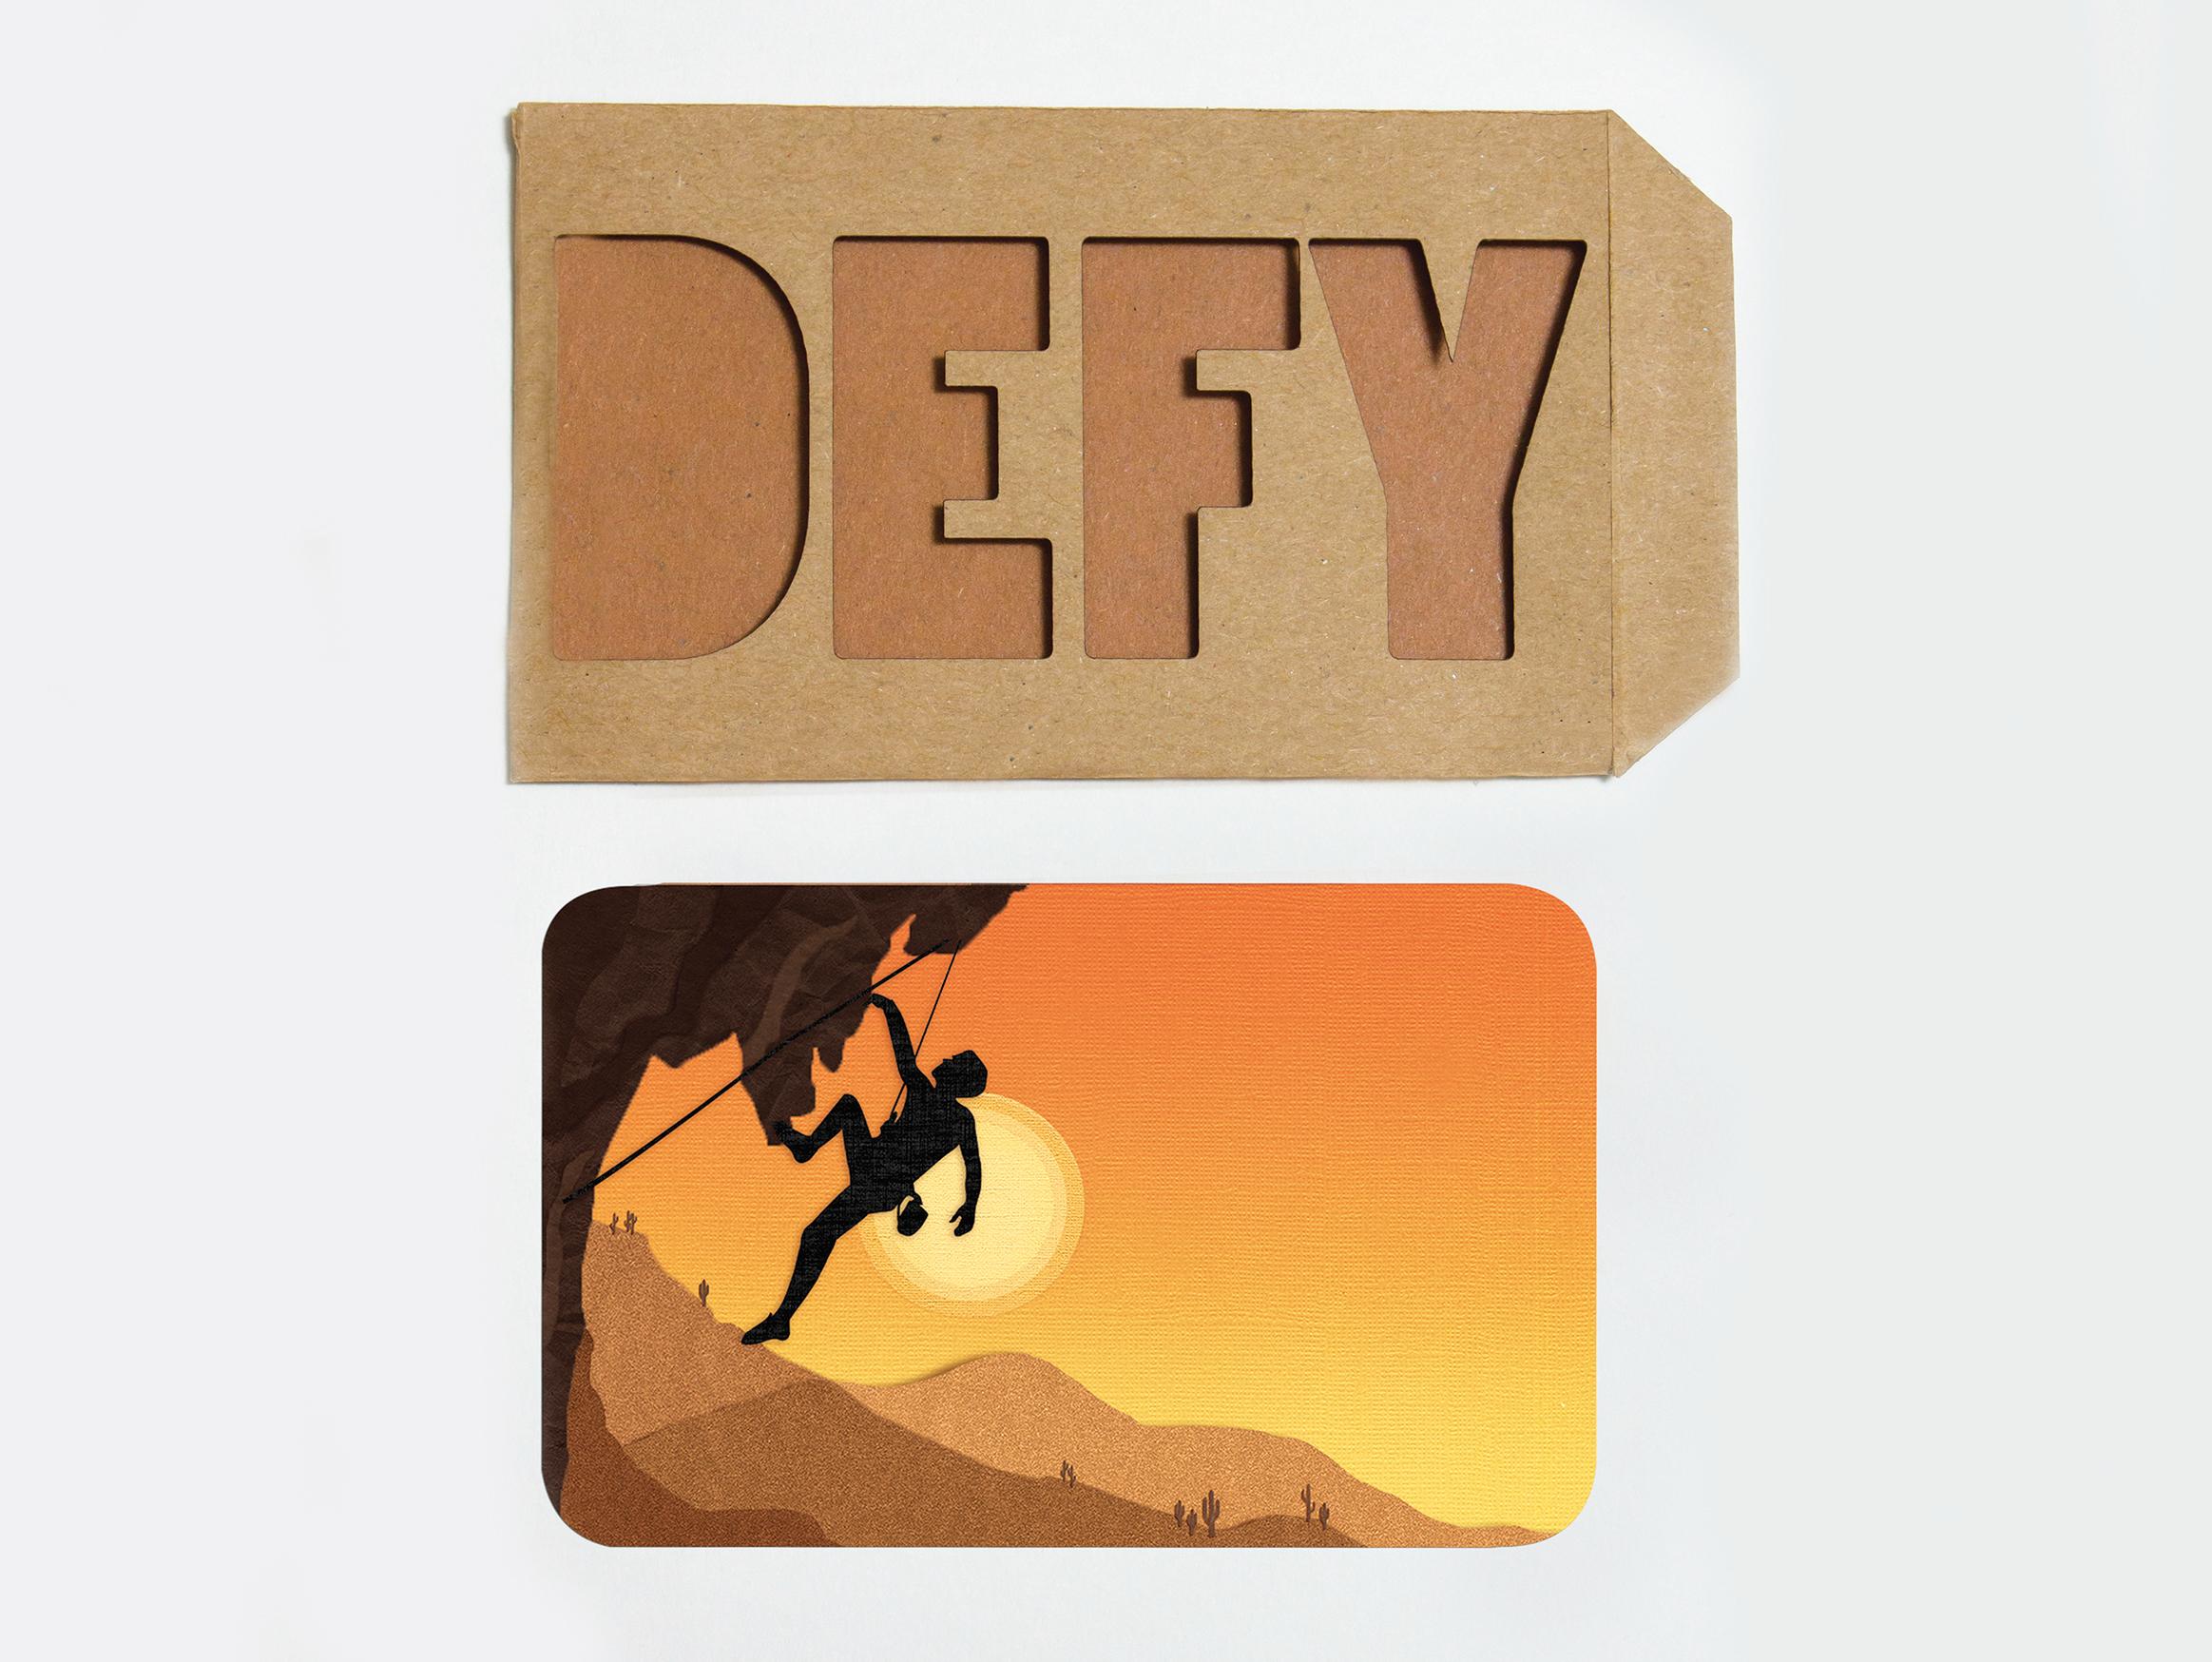 giftcard_app7.jpg